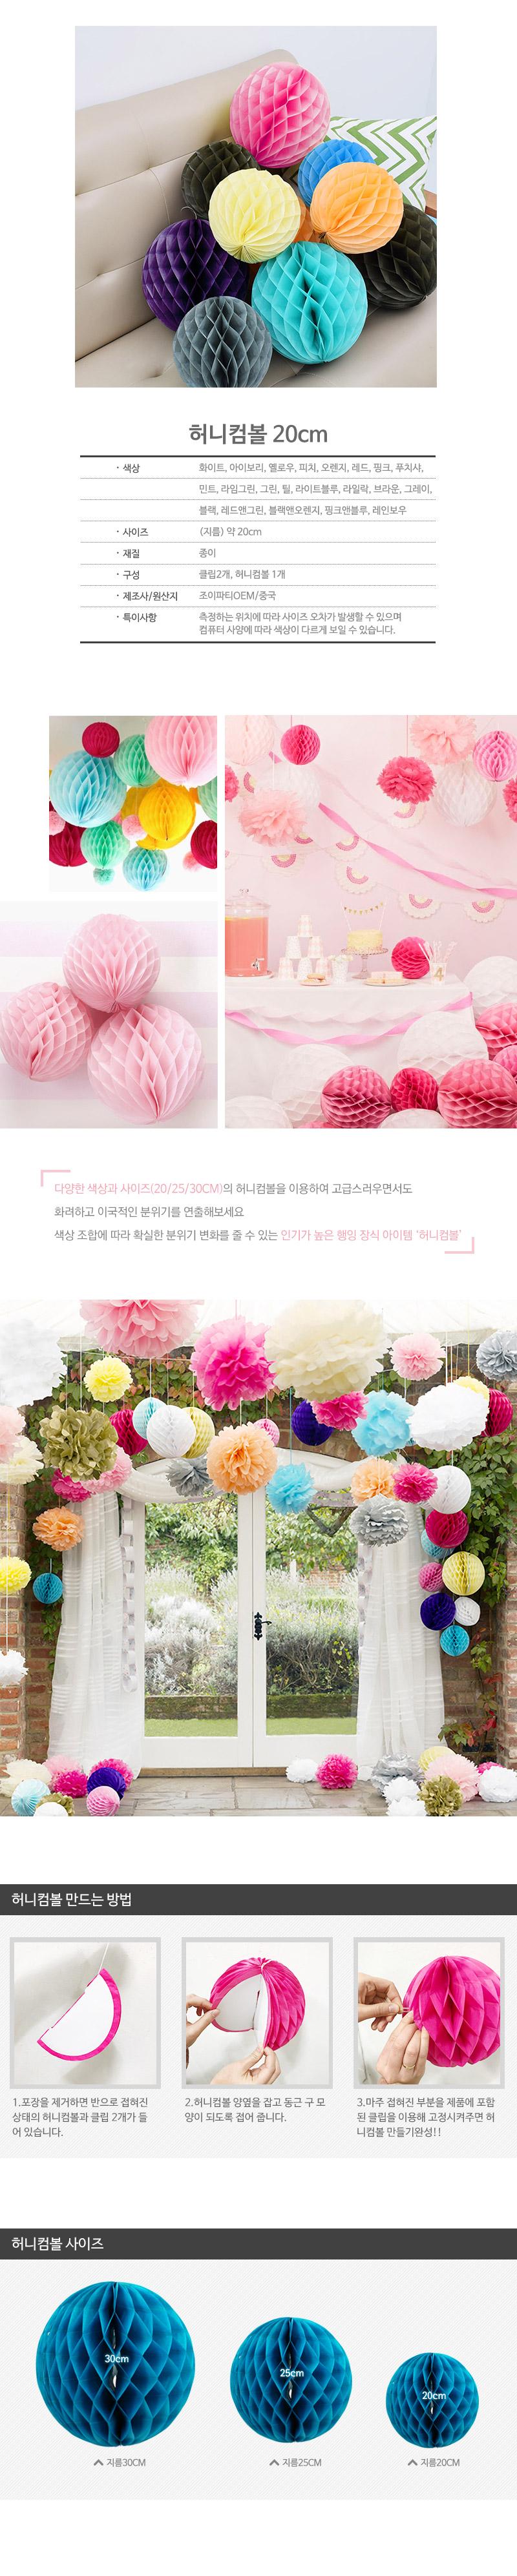 허니컴볼 20CM _partypang - 파티팡, 2,500원, 파티용품, 가랜드/배너/현수막